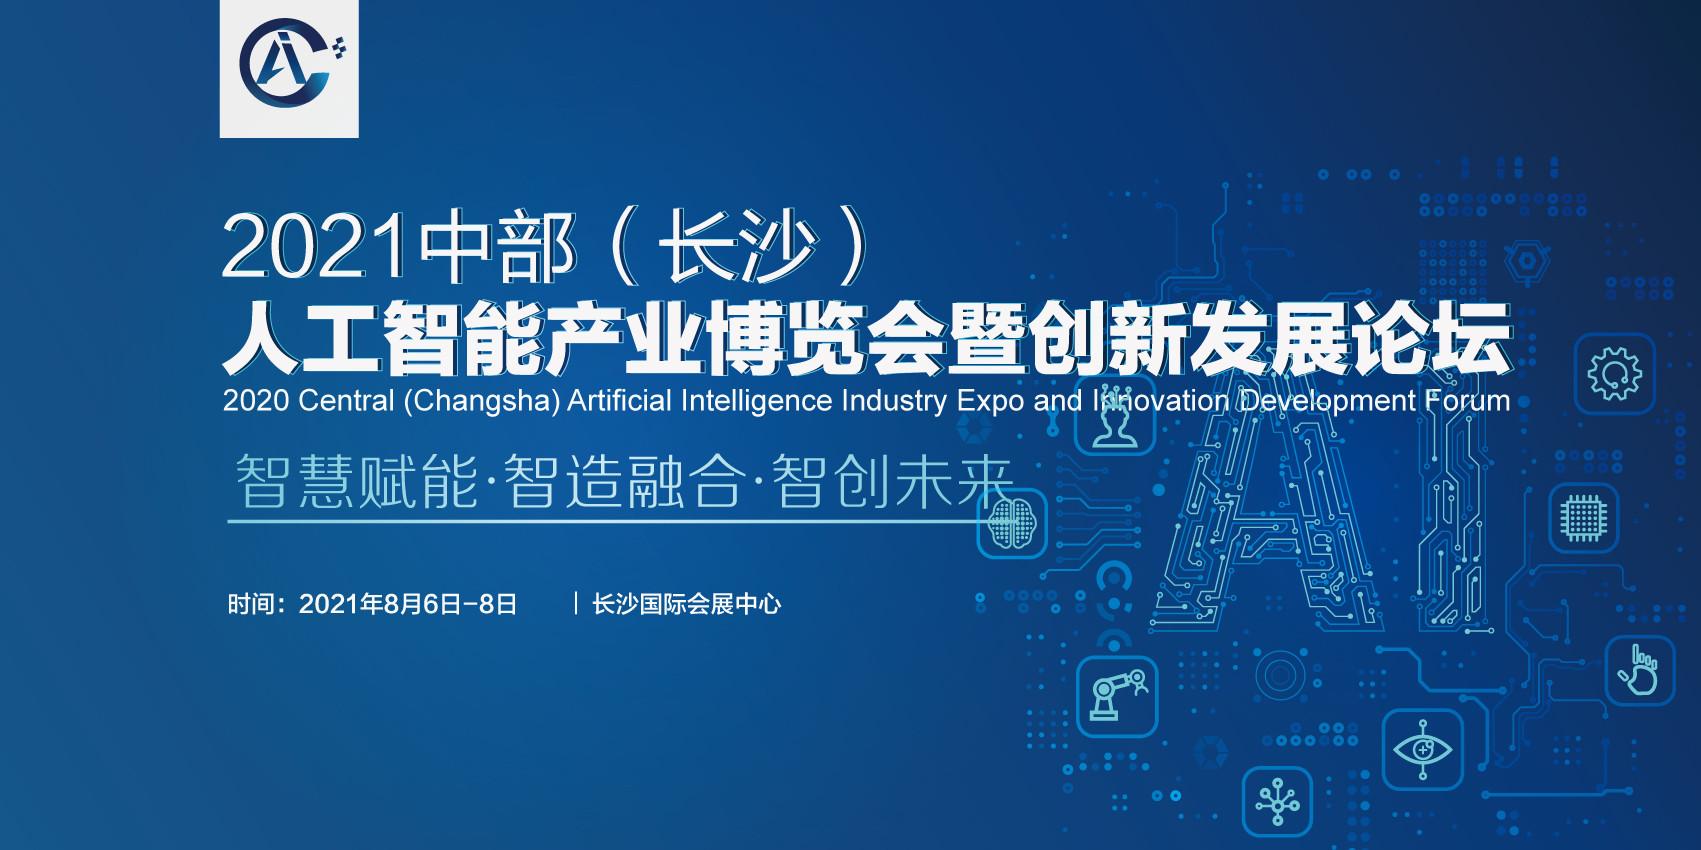 2021 中部(长沙)人工智能产业博览会 暨创新发展论坛